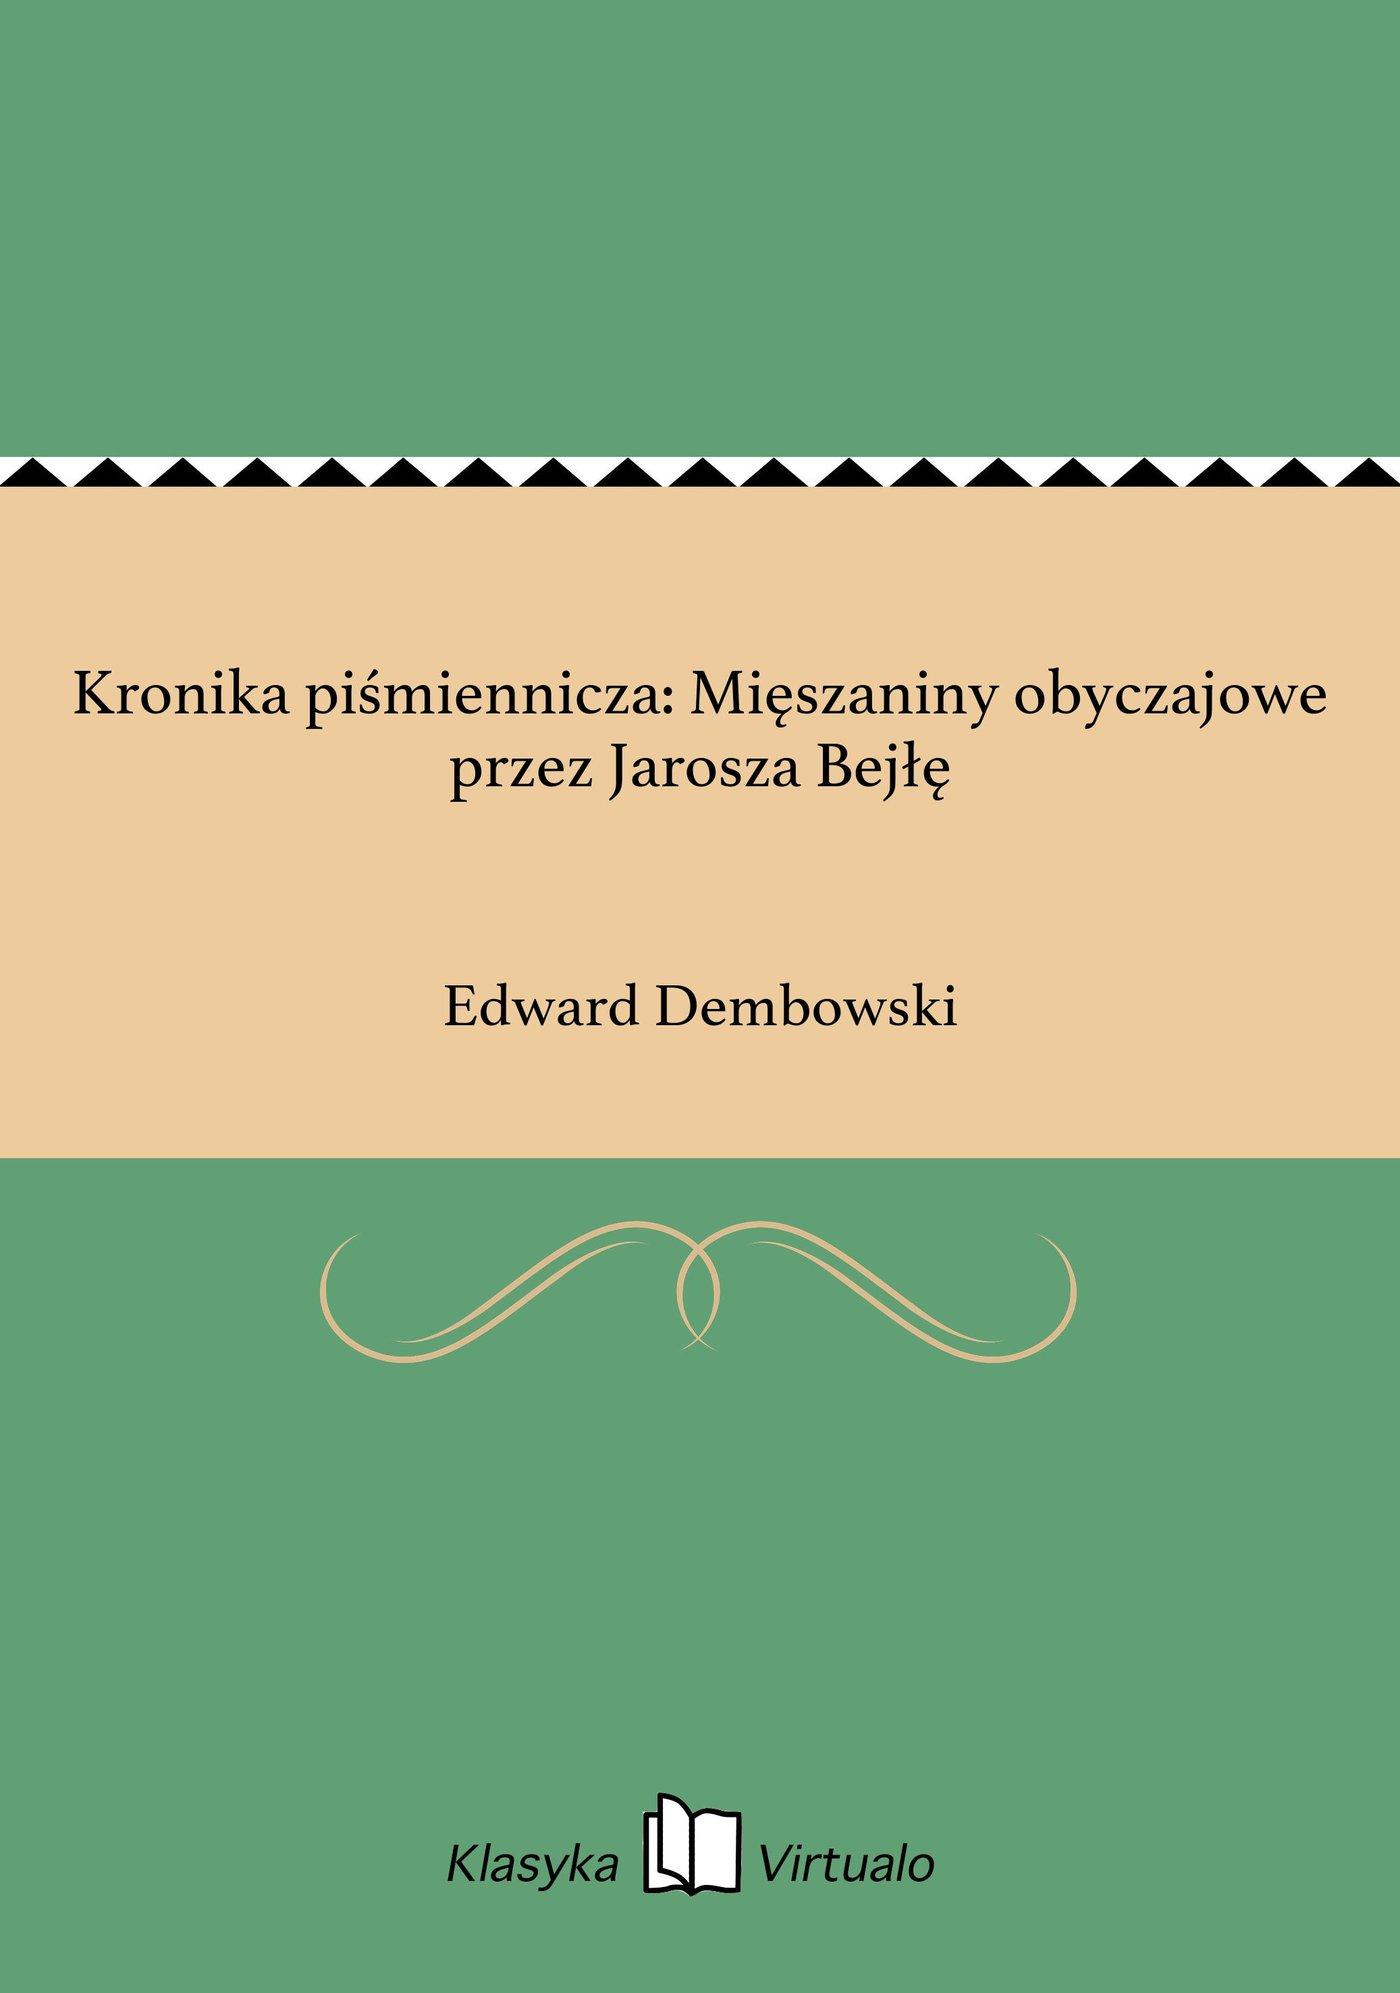 Kronika piśmiennicza: Mięszaniny obyczajowe przez Jarosza Bejłę - Ebook (Książka na Kindle) do pobrania w formacie MOBI